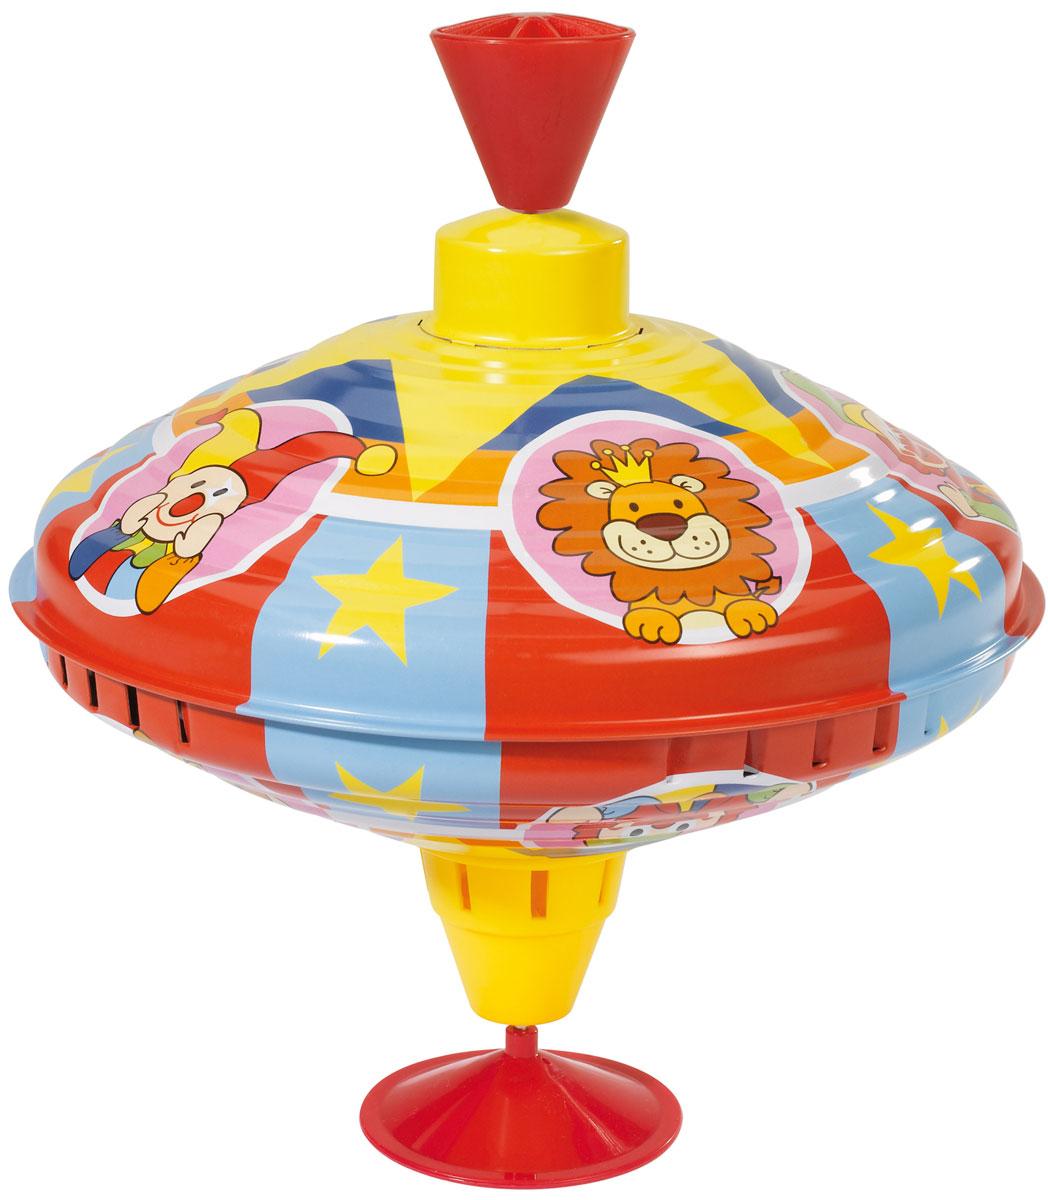 Simba Юла4011891Яркая цветная металлическая юла для детей от 18 мес. на специальной подставке. При вращении юла издает мелодичное звучание, и это особенно интересно для малыша.